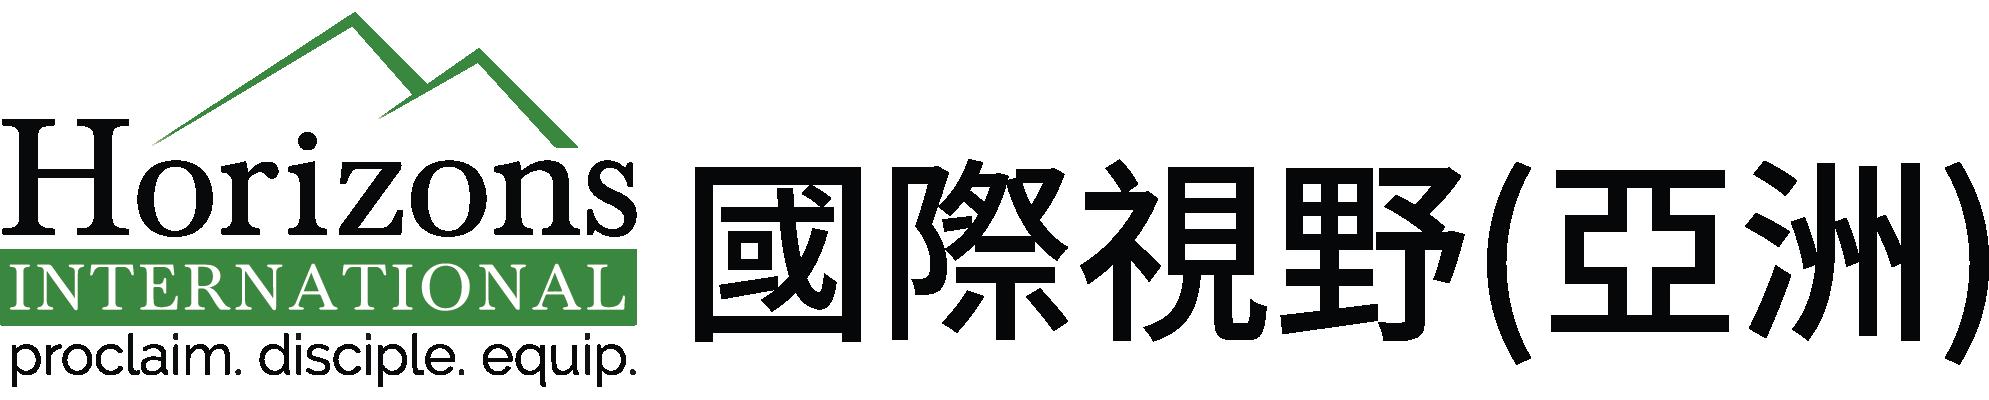 Horizons International Asia